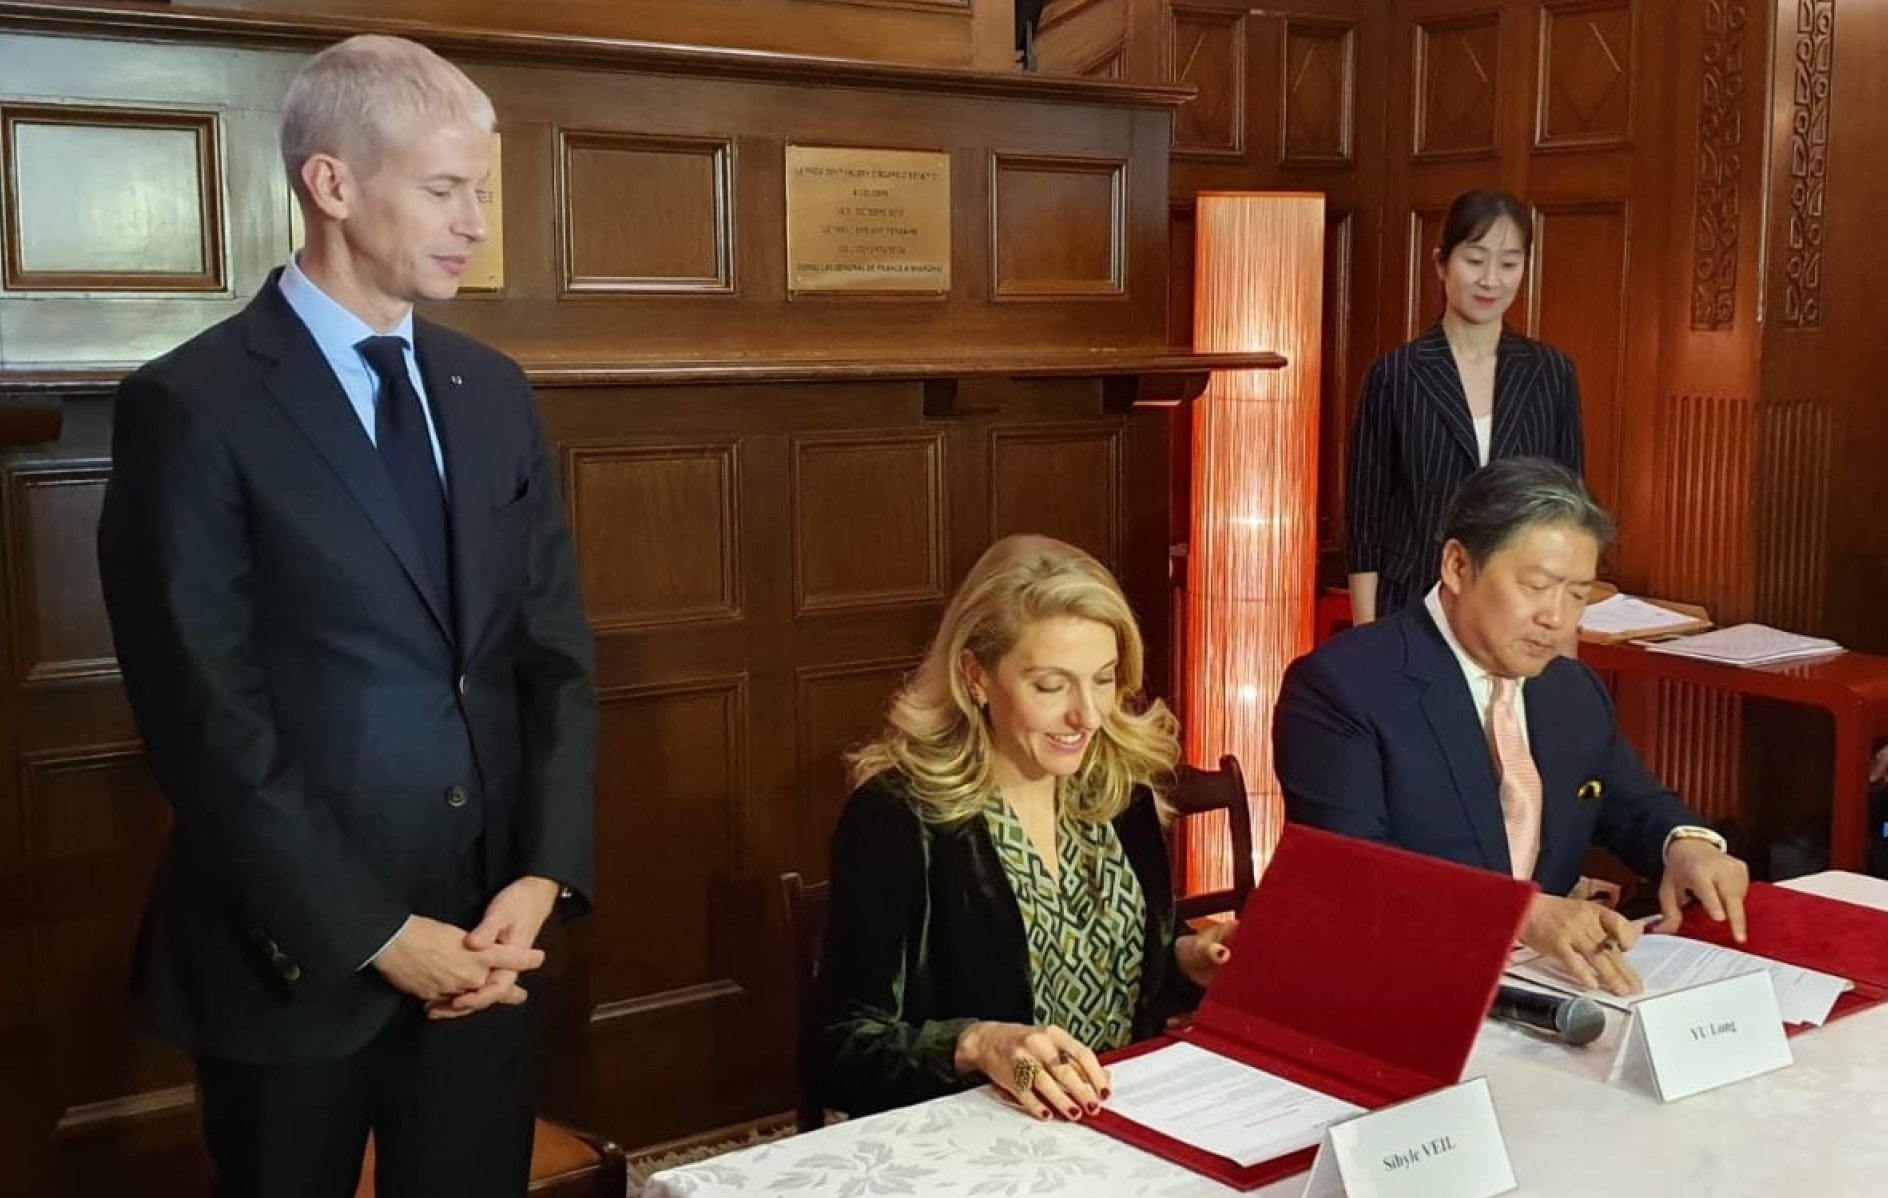 Partenariat entre Le Philhar' de Radio France et le China Philharmonic Orchestra